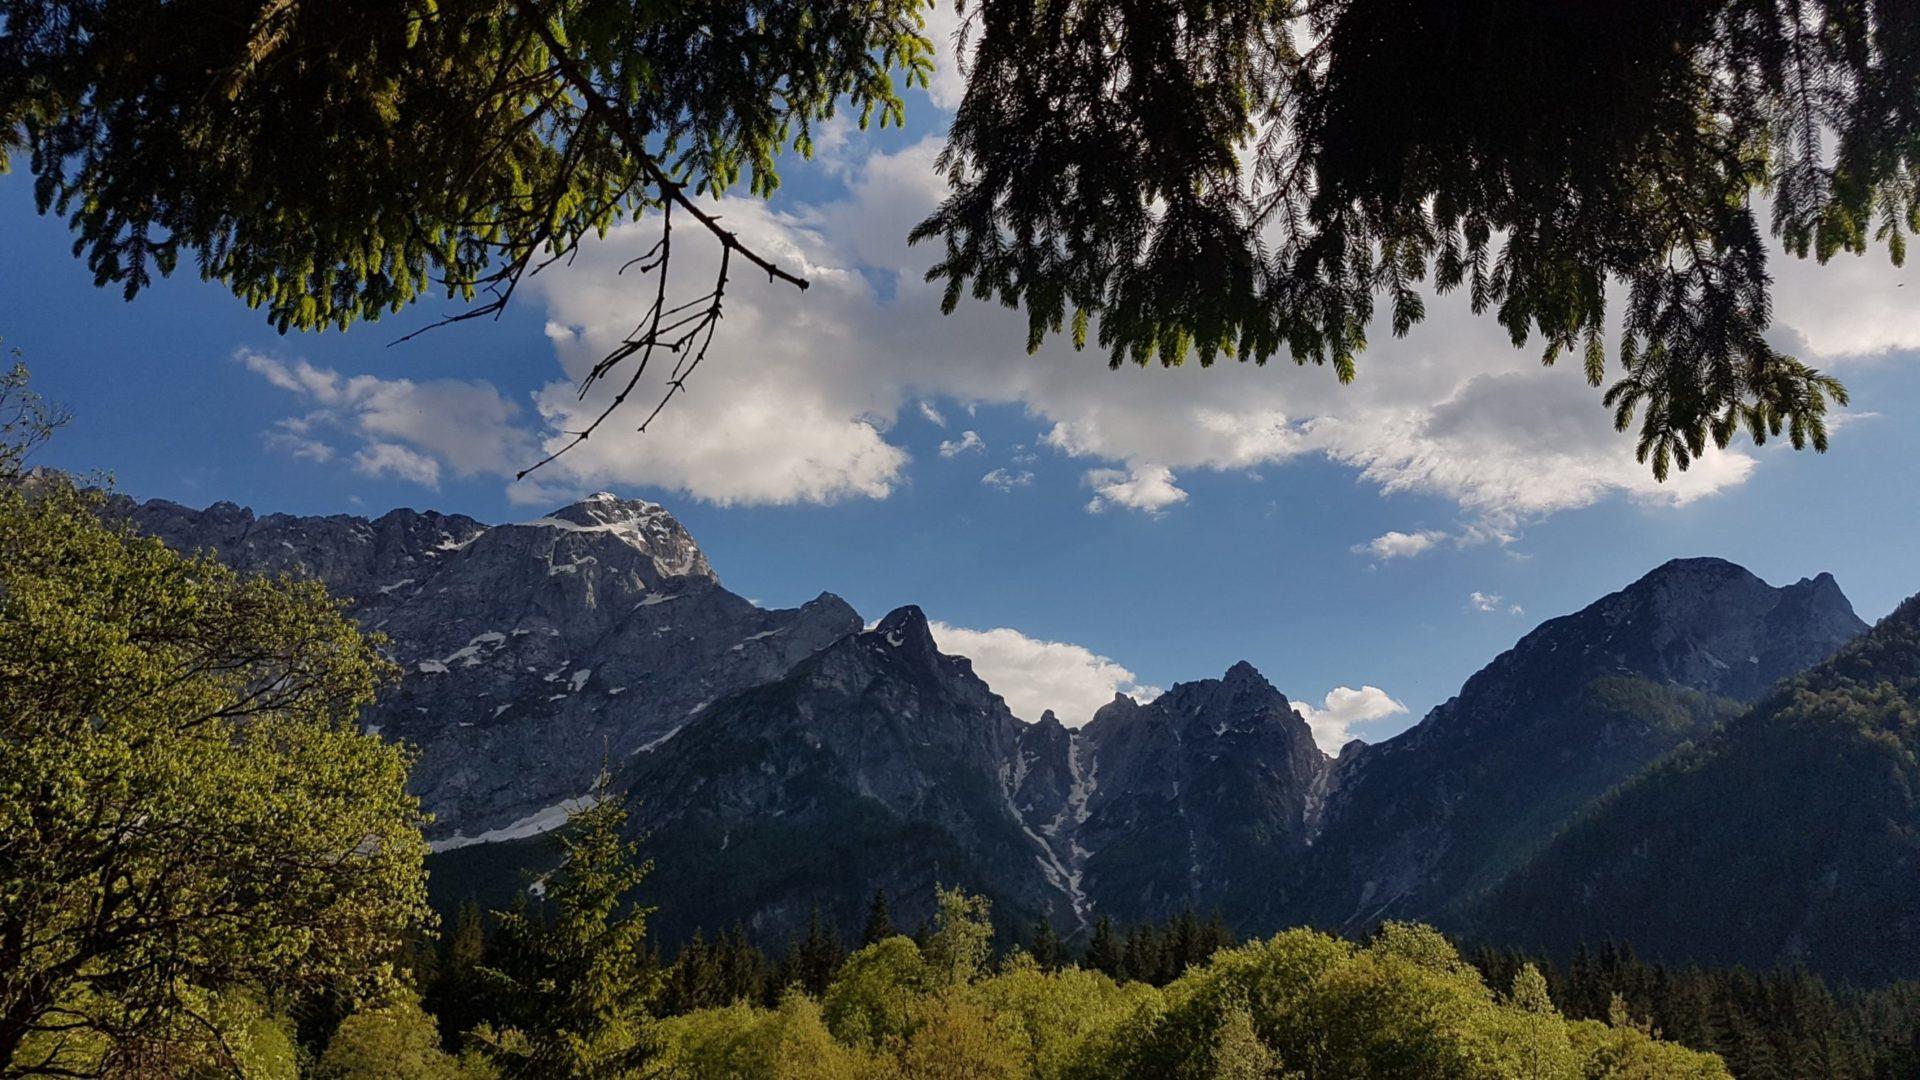 Il Friuli Venezia Giulia, la mia regione